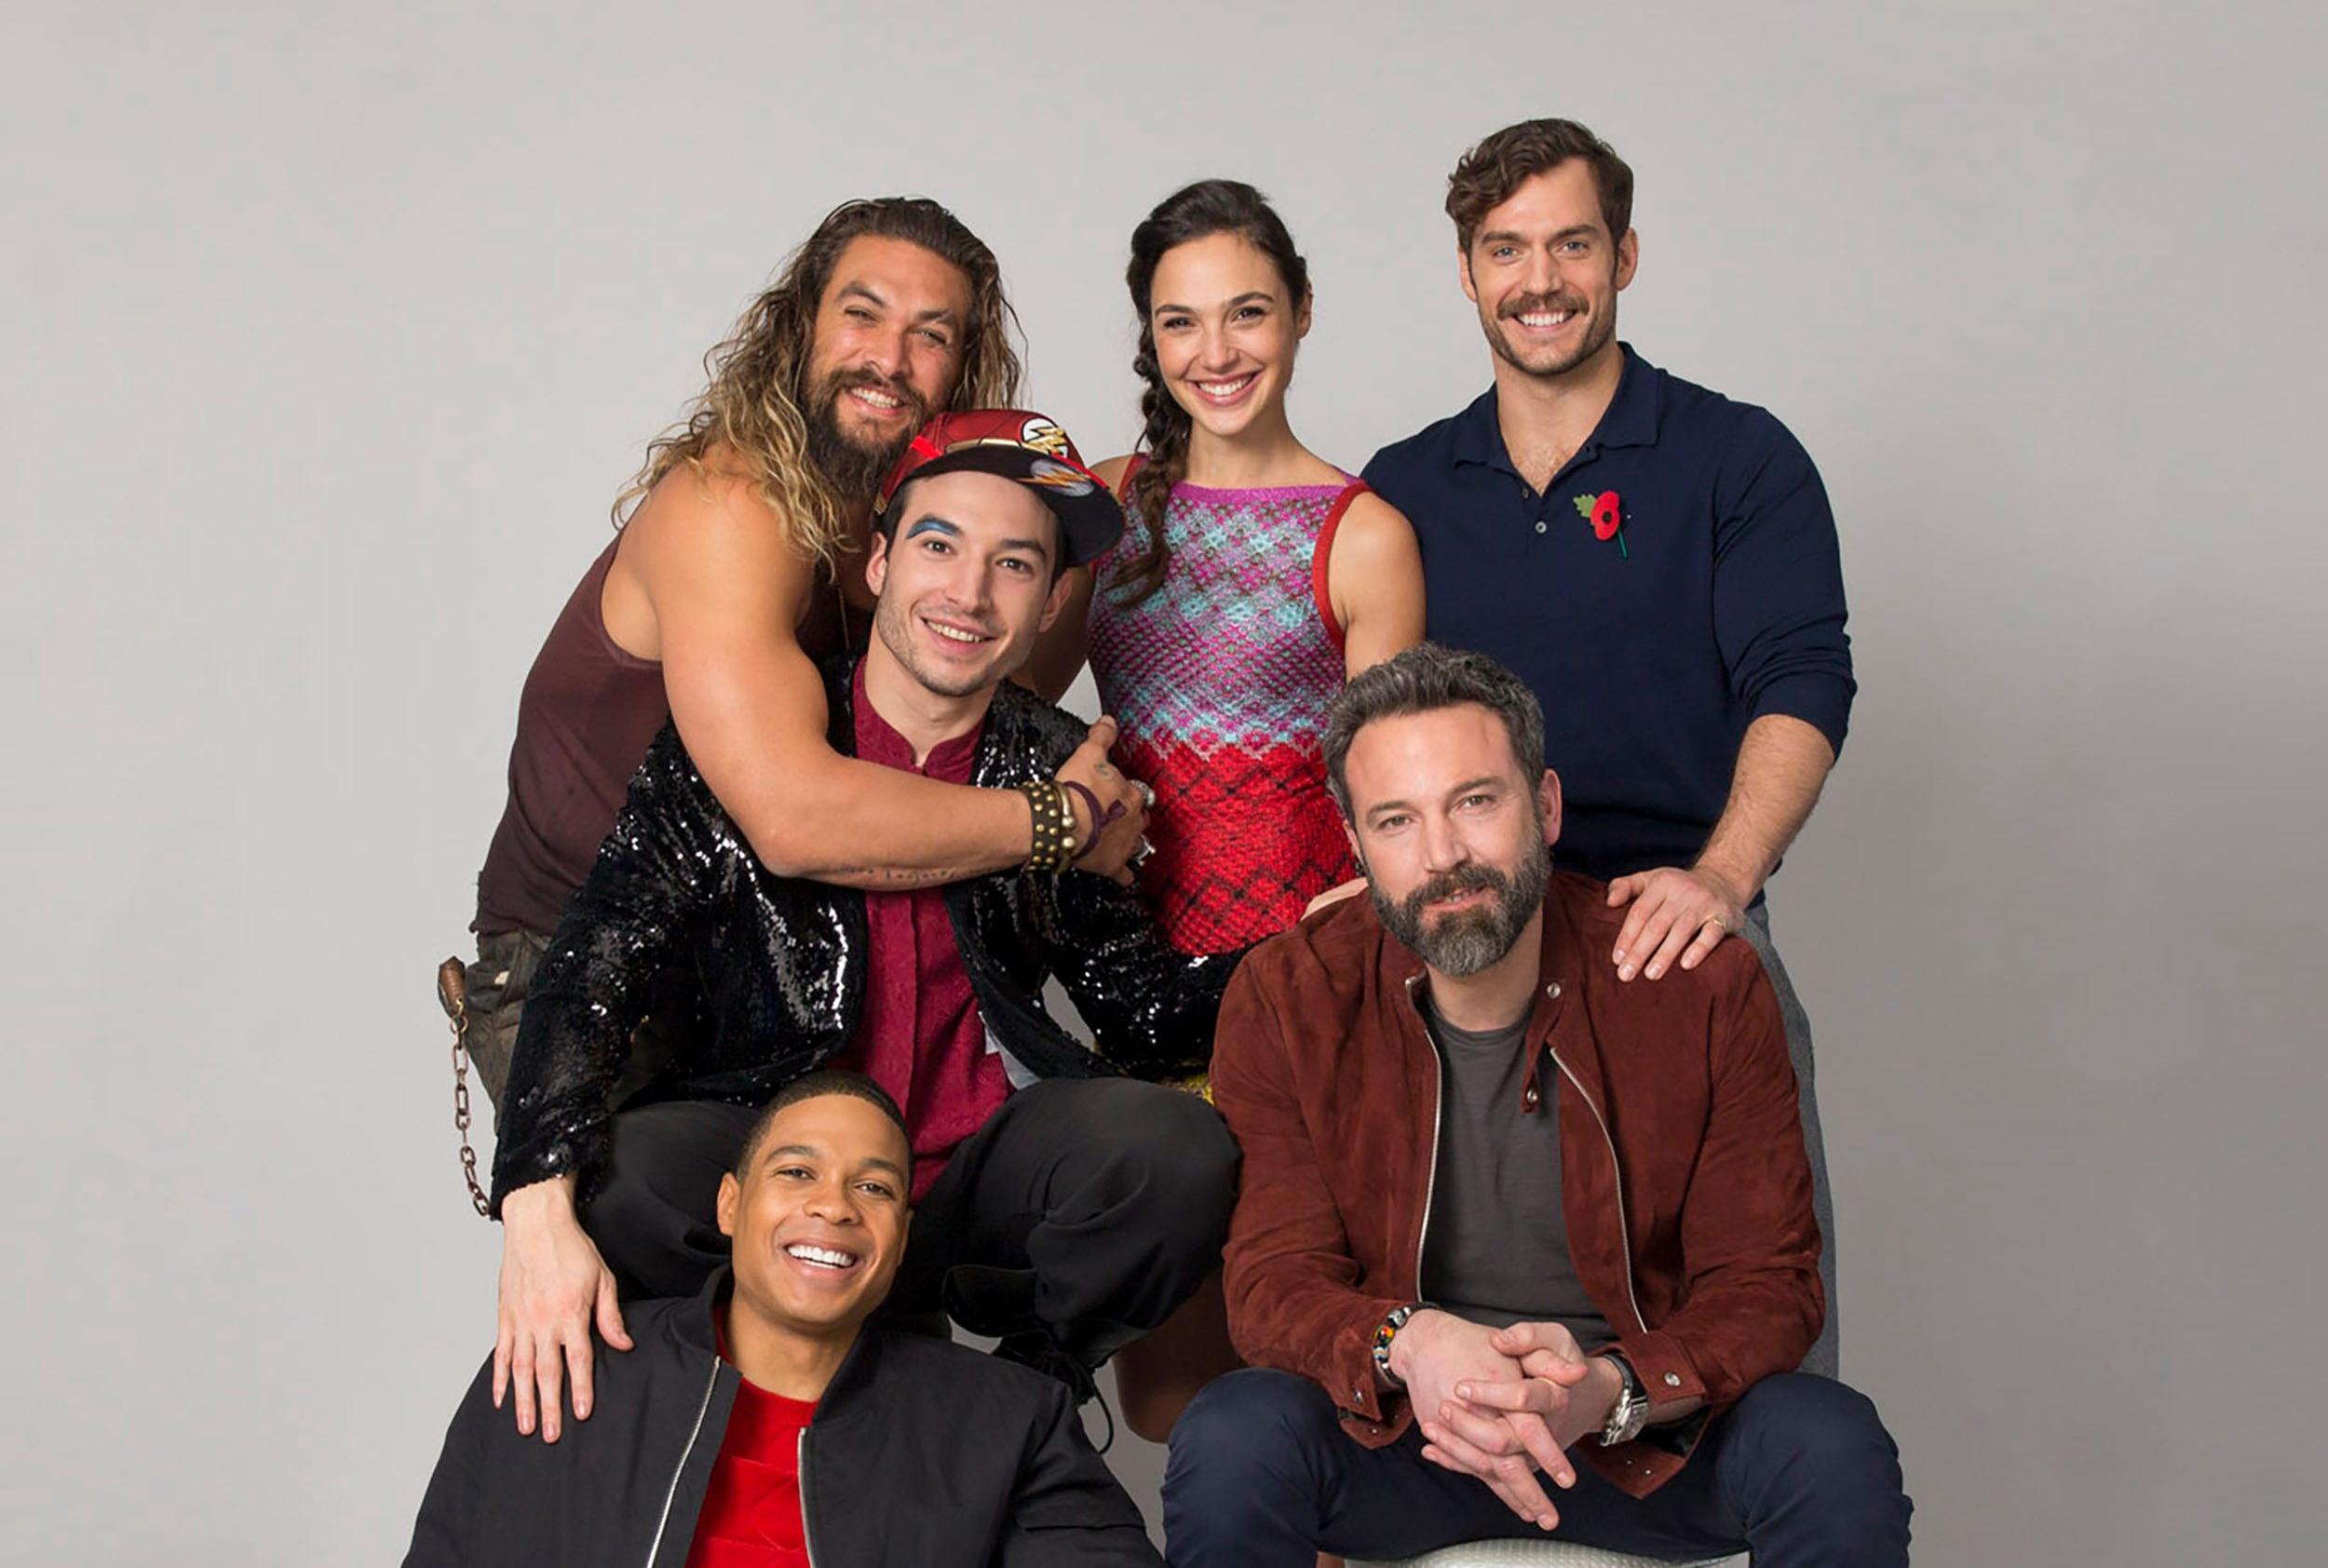 justice league 2017 cast photoshoot d1